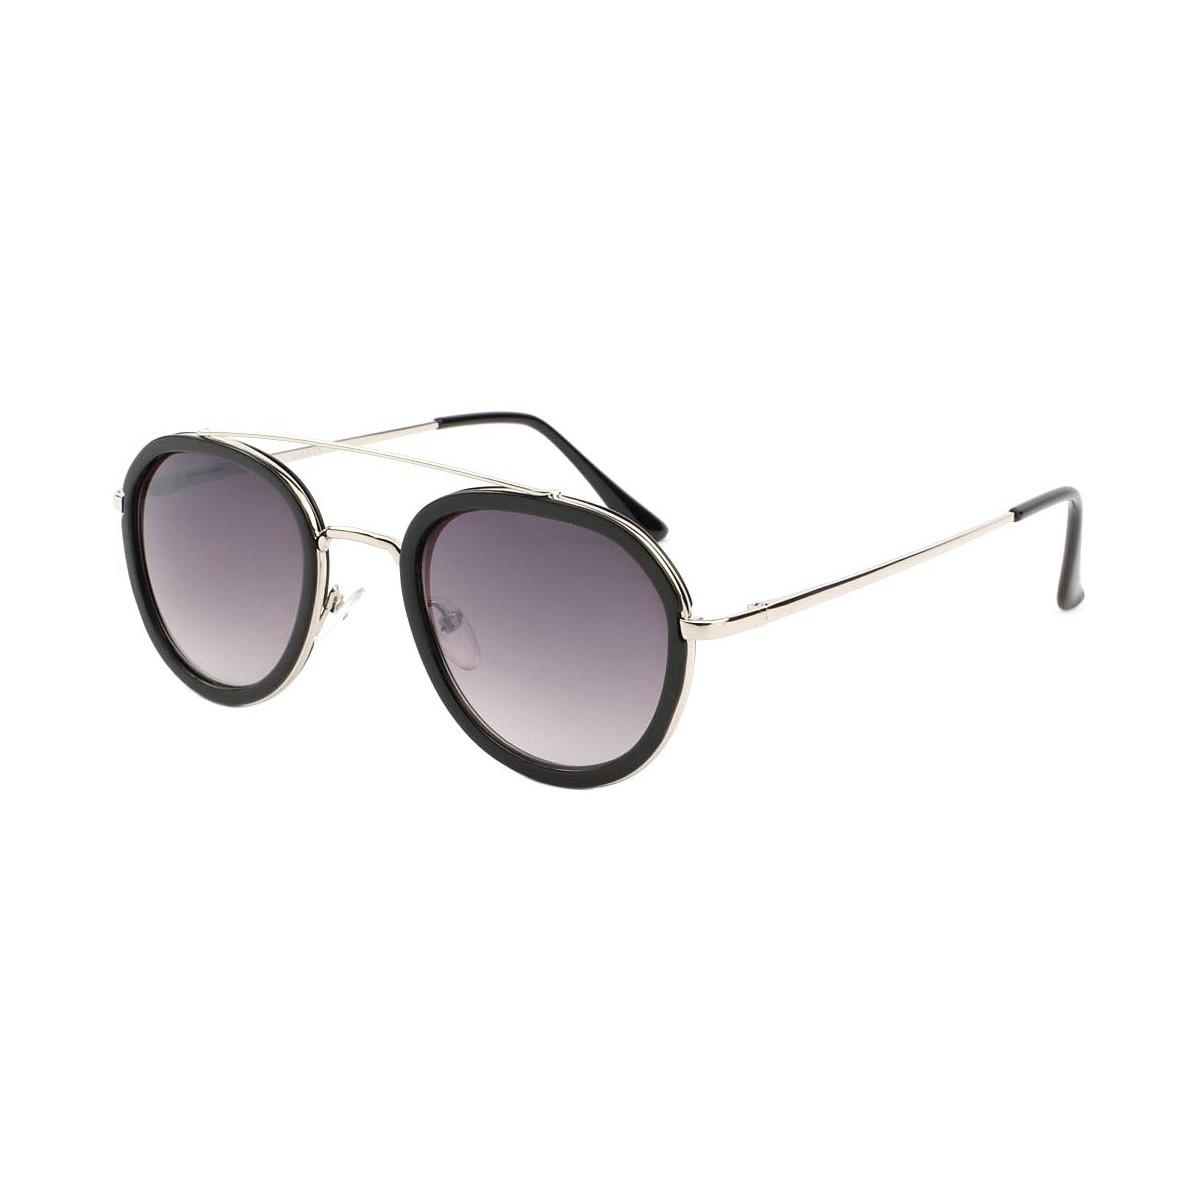 Eye Wear Lunette de soleil a la mode Noire et Argent Leny Noir